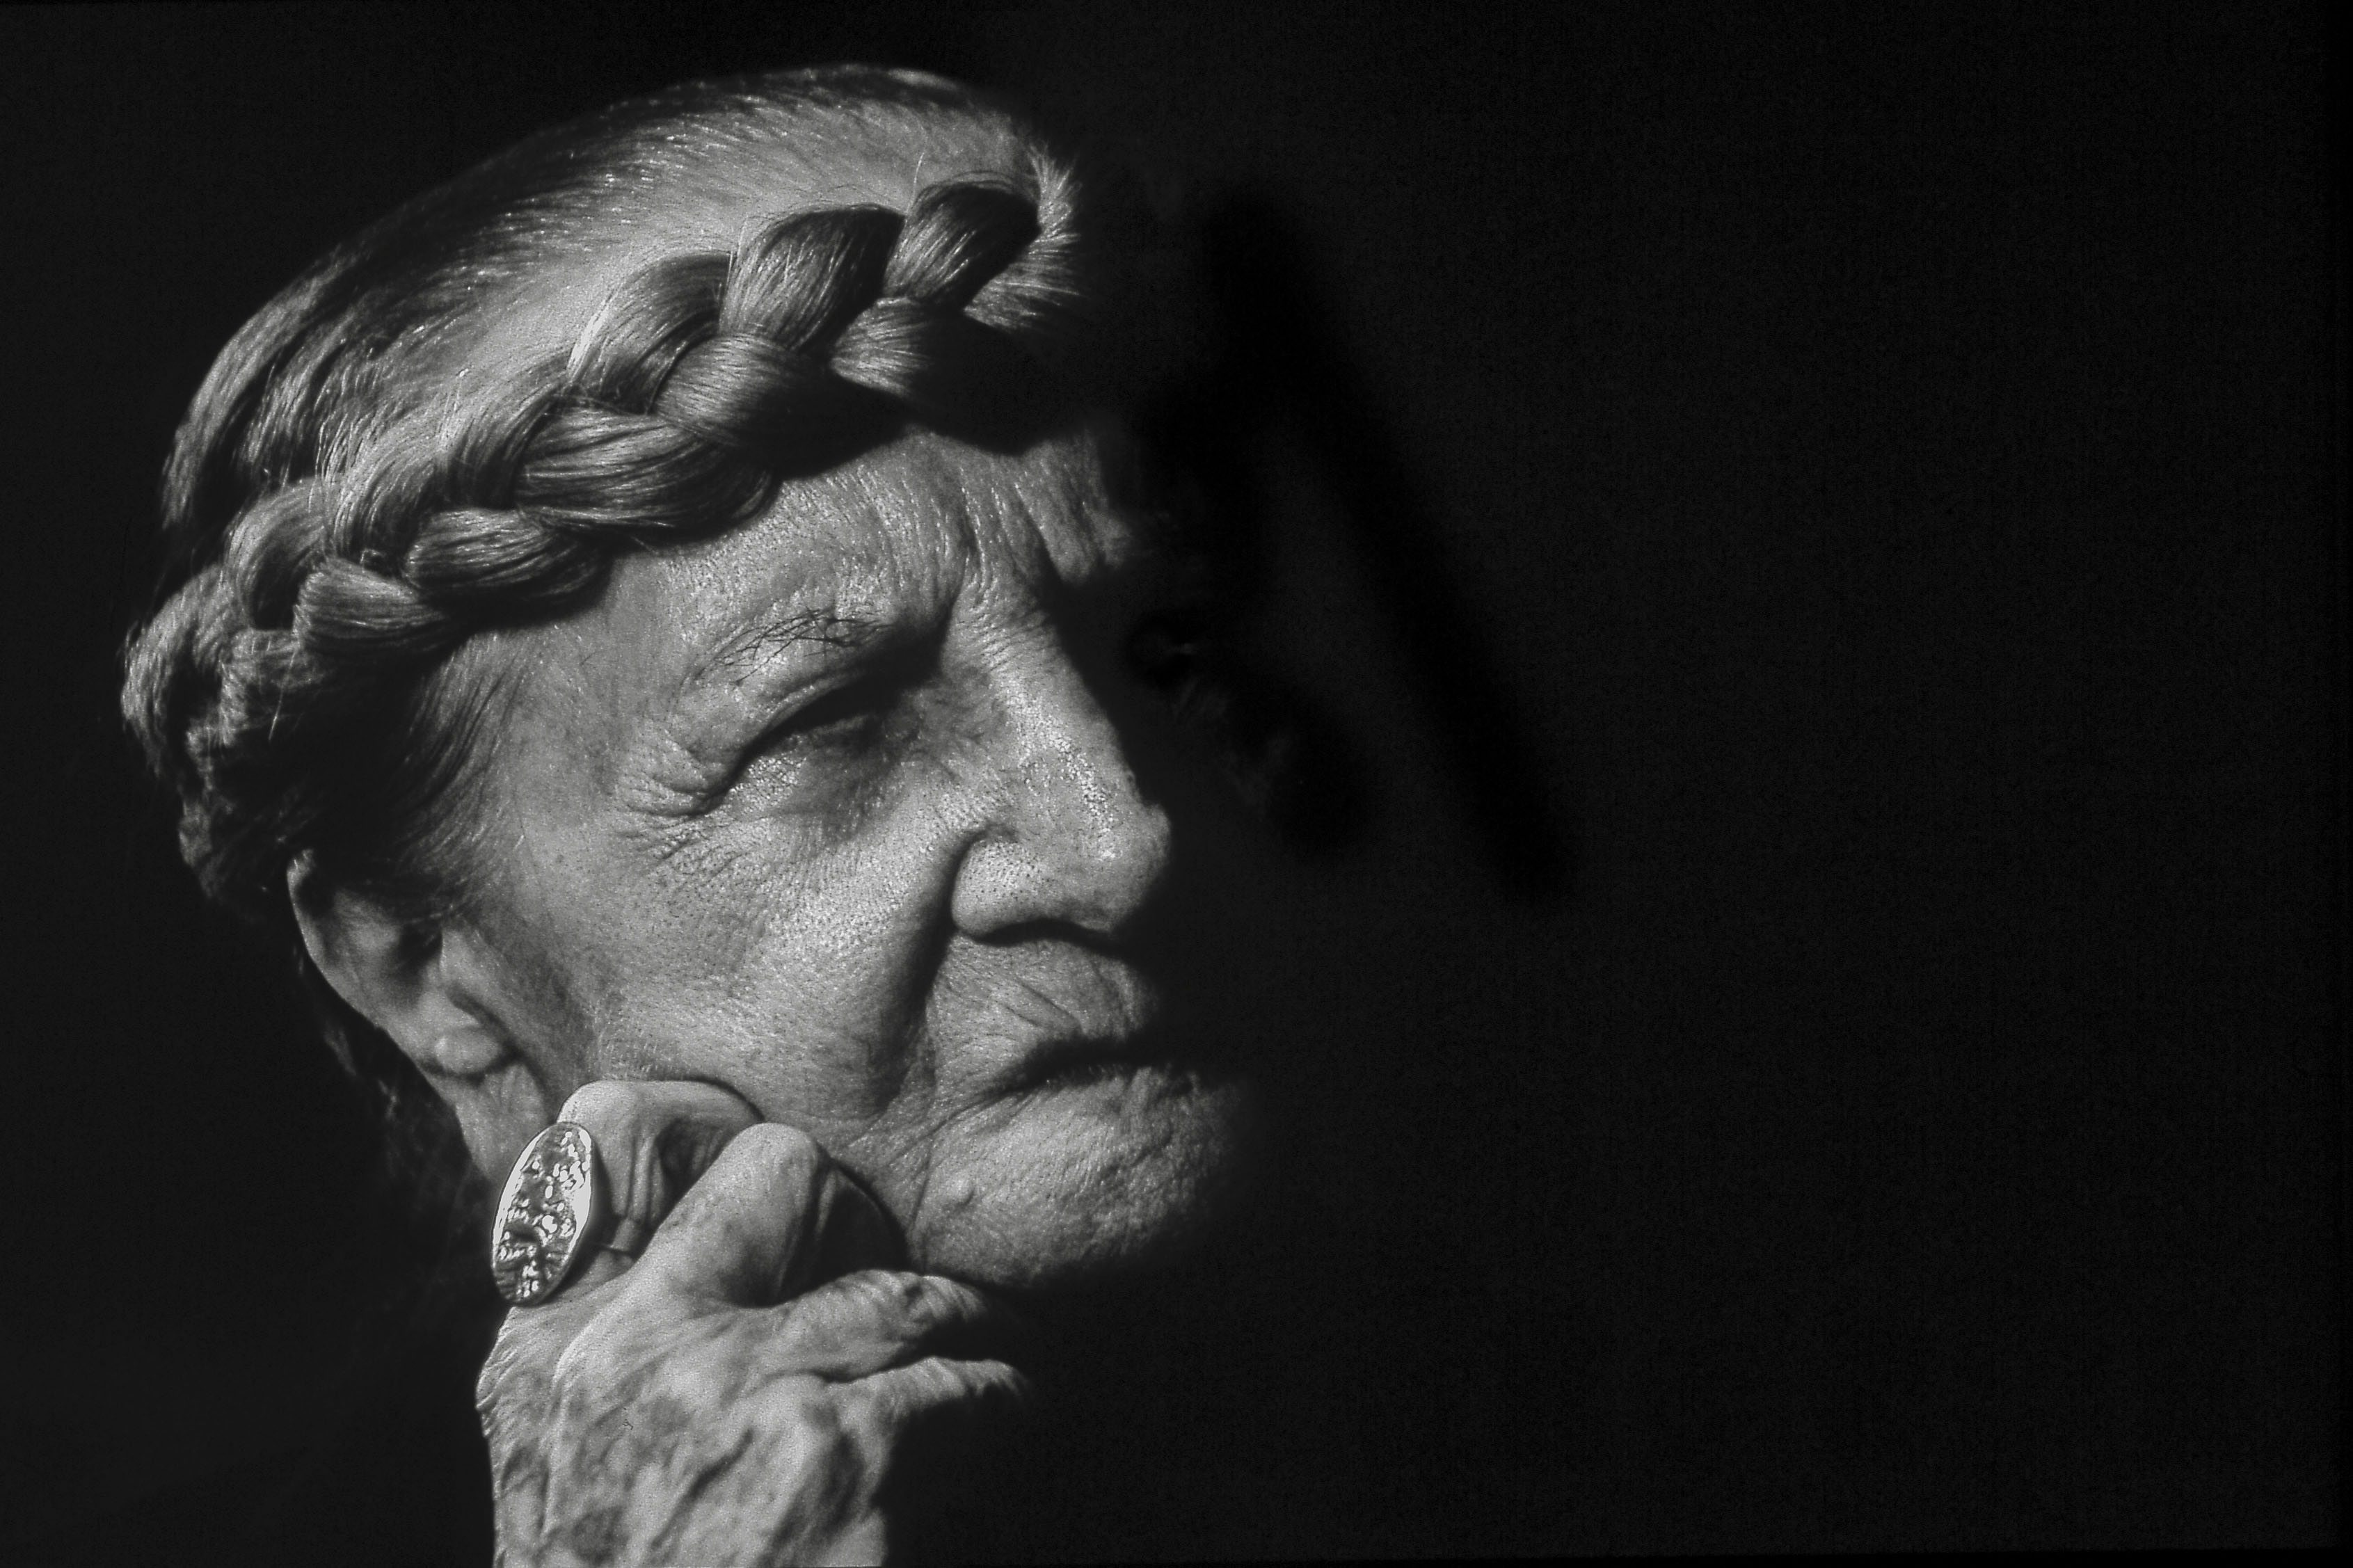 Photograph of Carol Rama